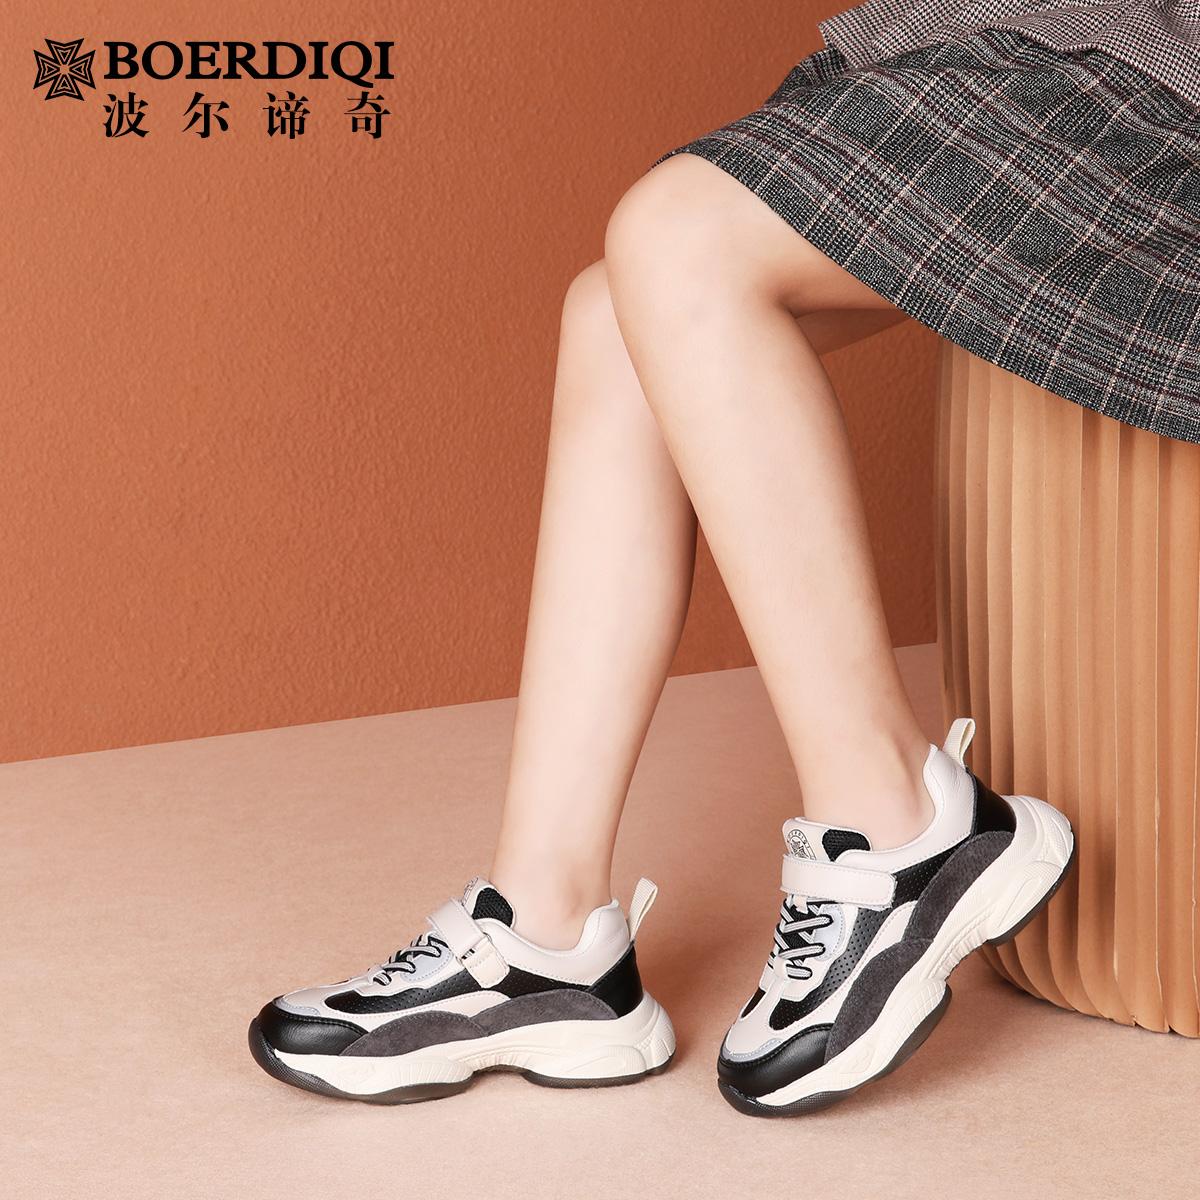 年春季新款时尚儿童运动鞋女童轻便跑步中大童防滑休闲单鞋男 2020